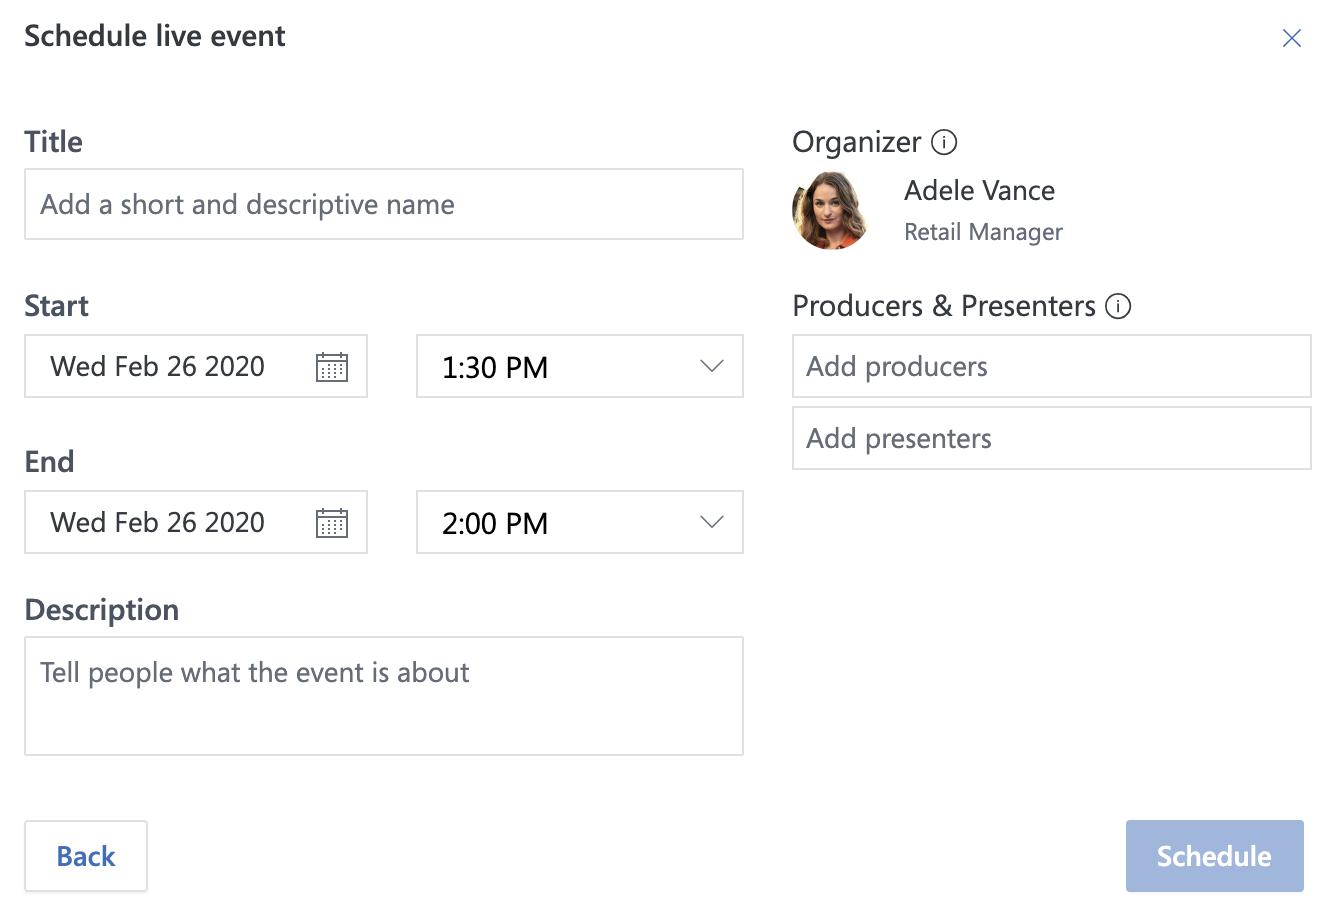 Caixa de diálogo de evento ao vivo